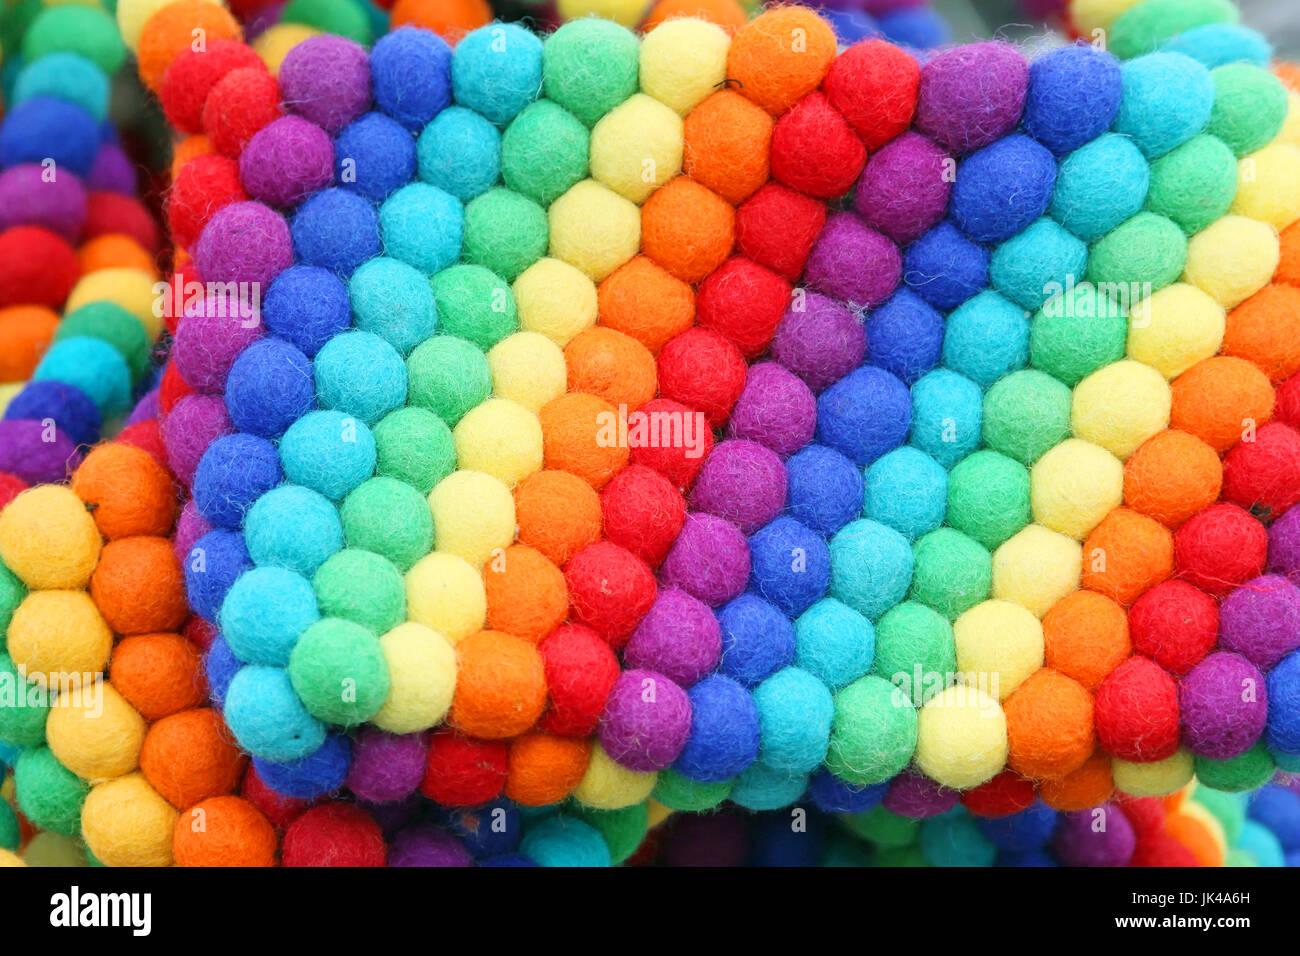 Textilwaren mit bunten Bällen Hintergrund in Regenbogenfarben Stockfoto